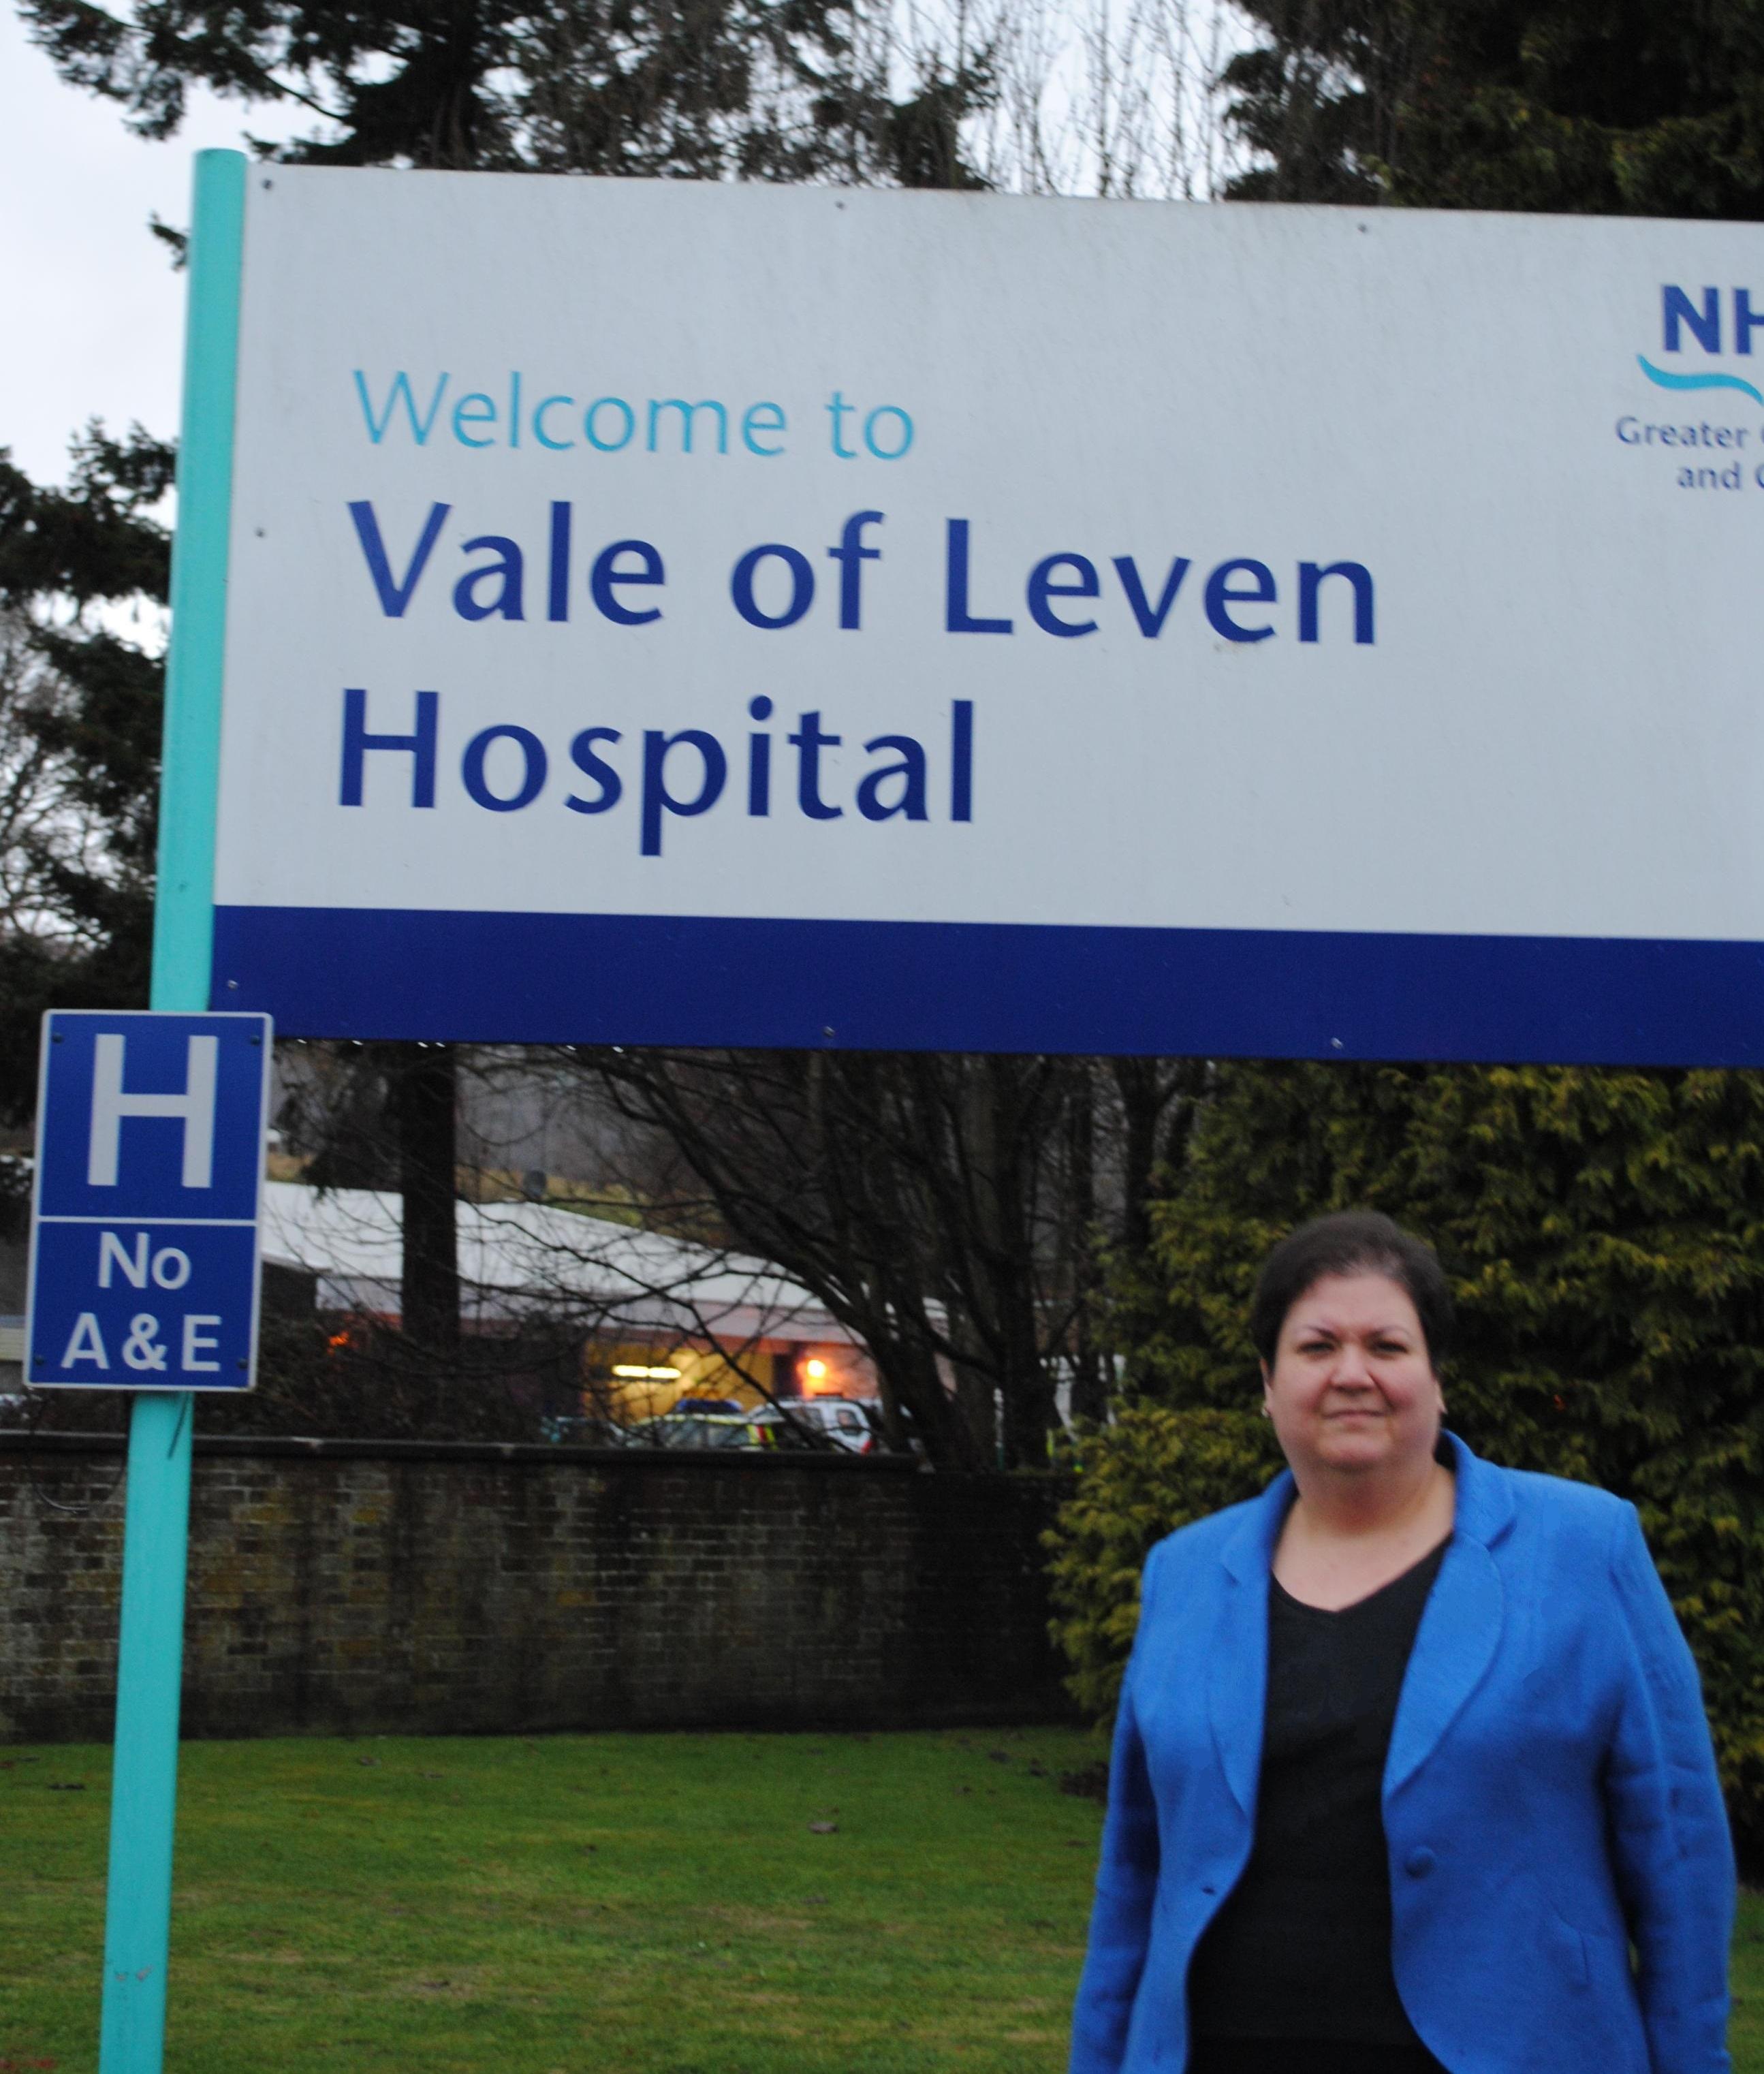 Vale_of_Leven_Hospital.jpg